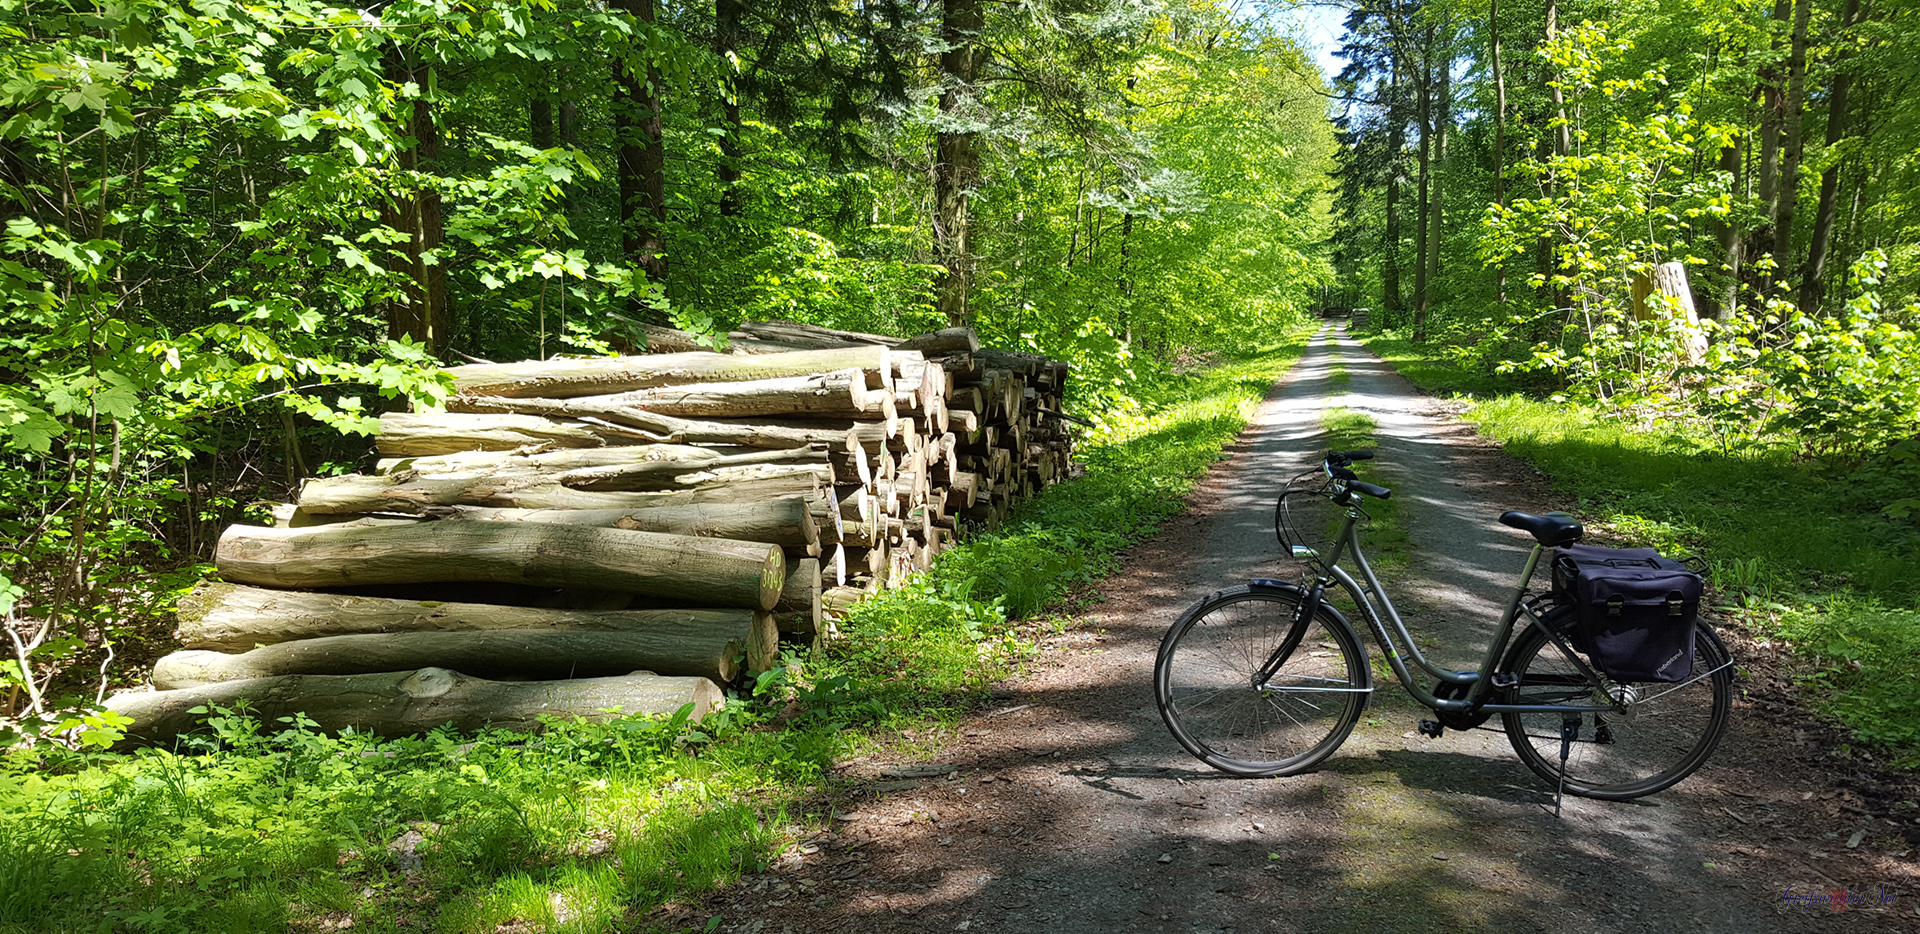 Ruhe und Erholung - Radtour durch den Wald